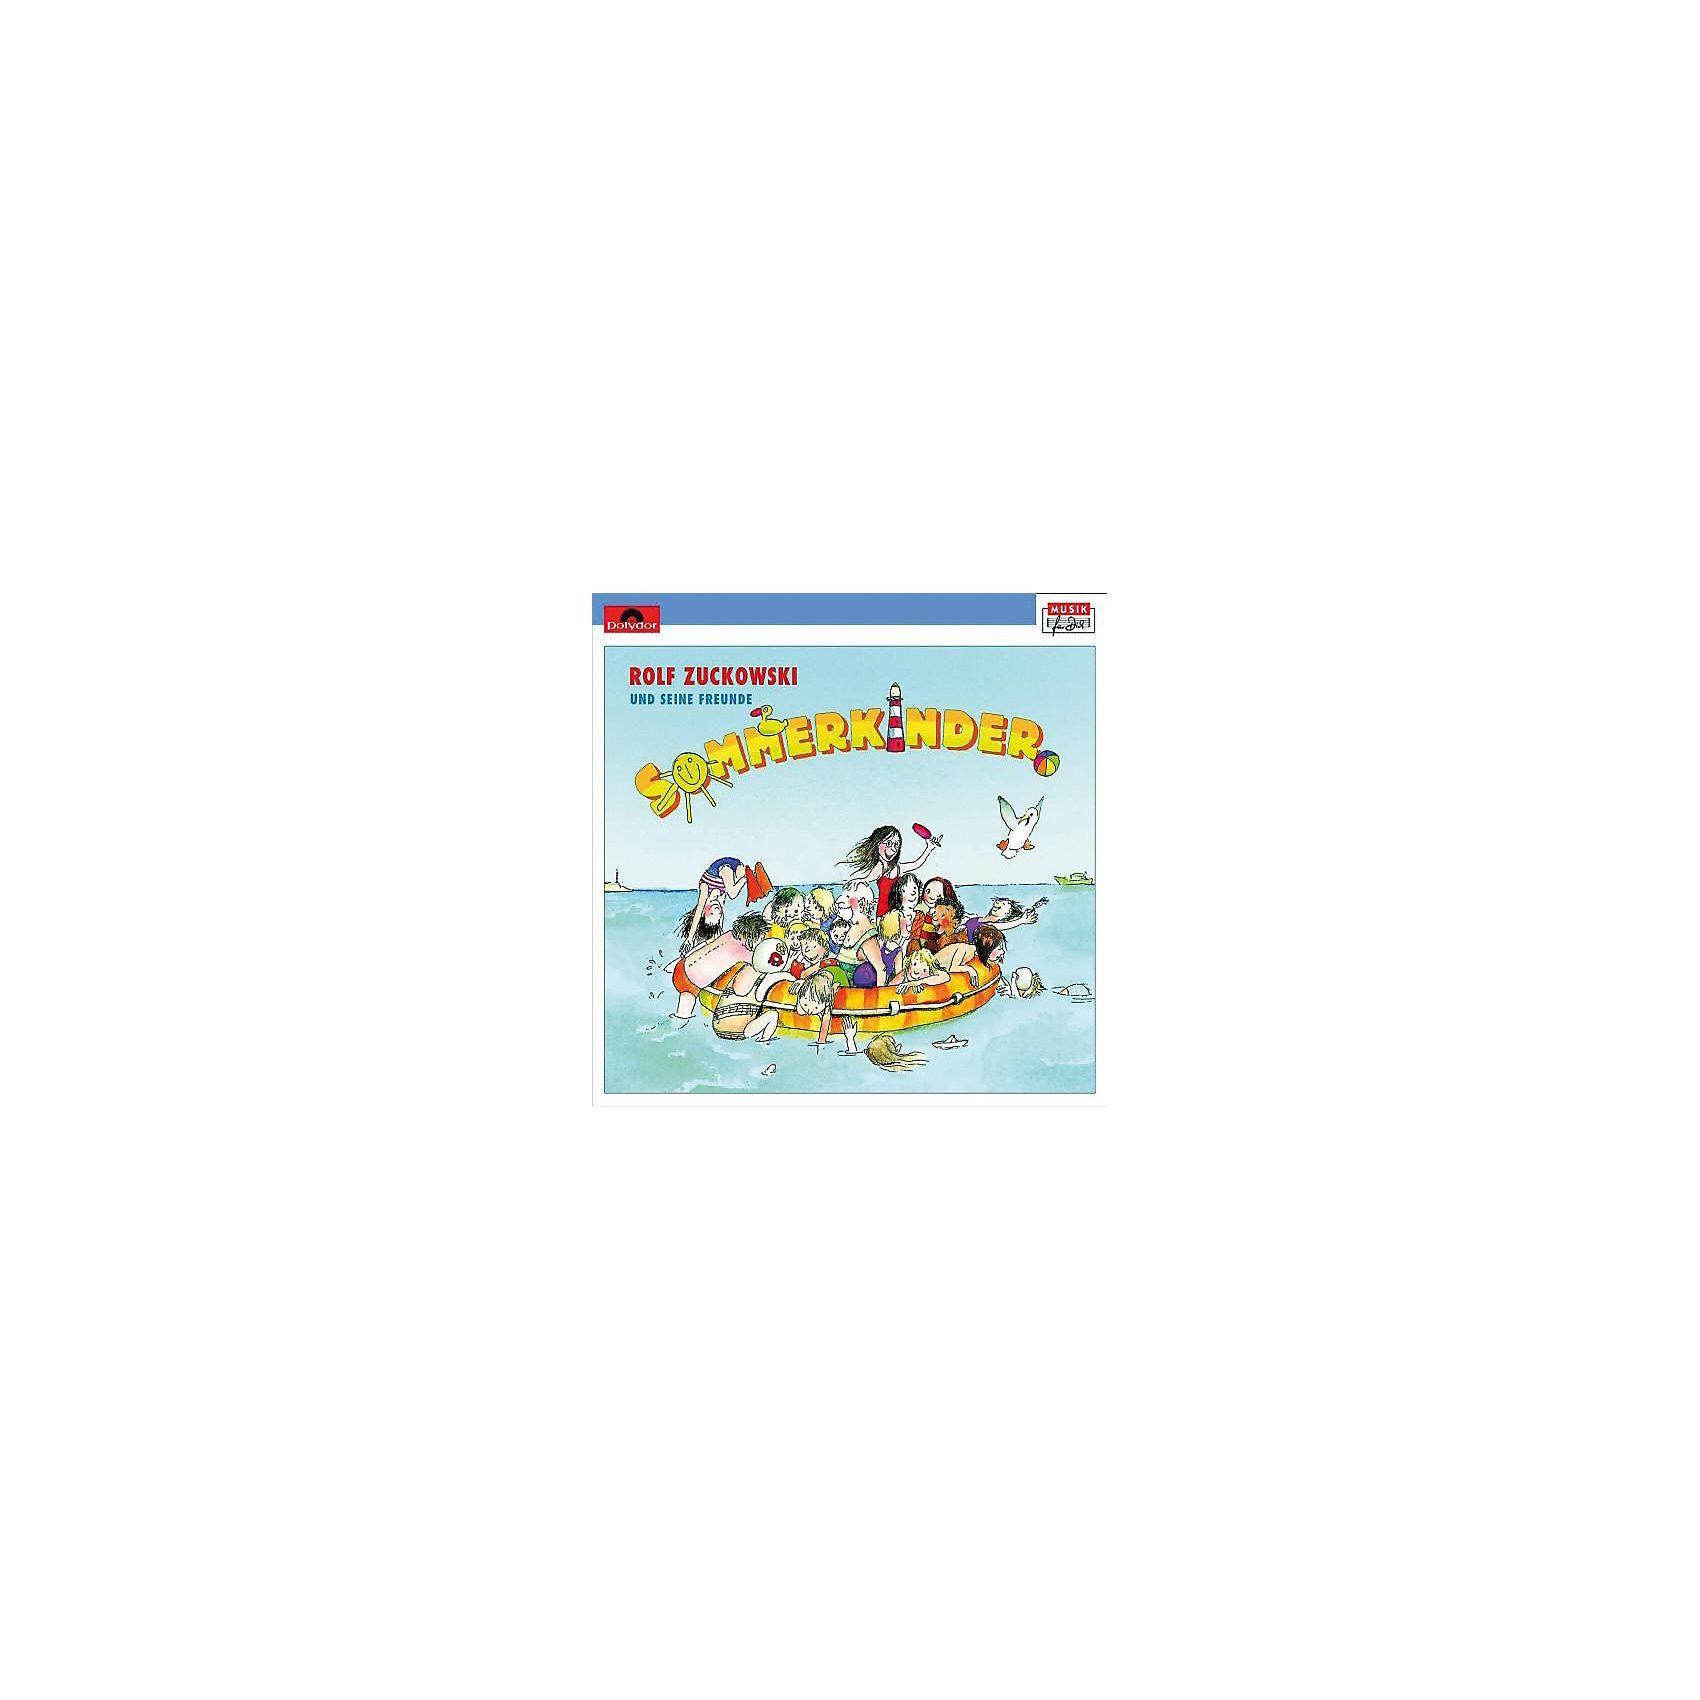 Universal Music GmbH CD Rolf Zuckowski und seine Freunde - Sommerkinder